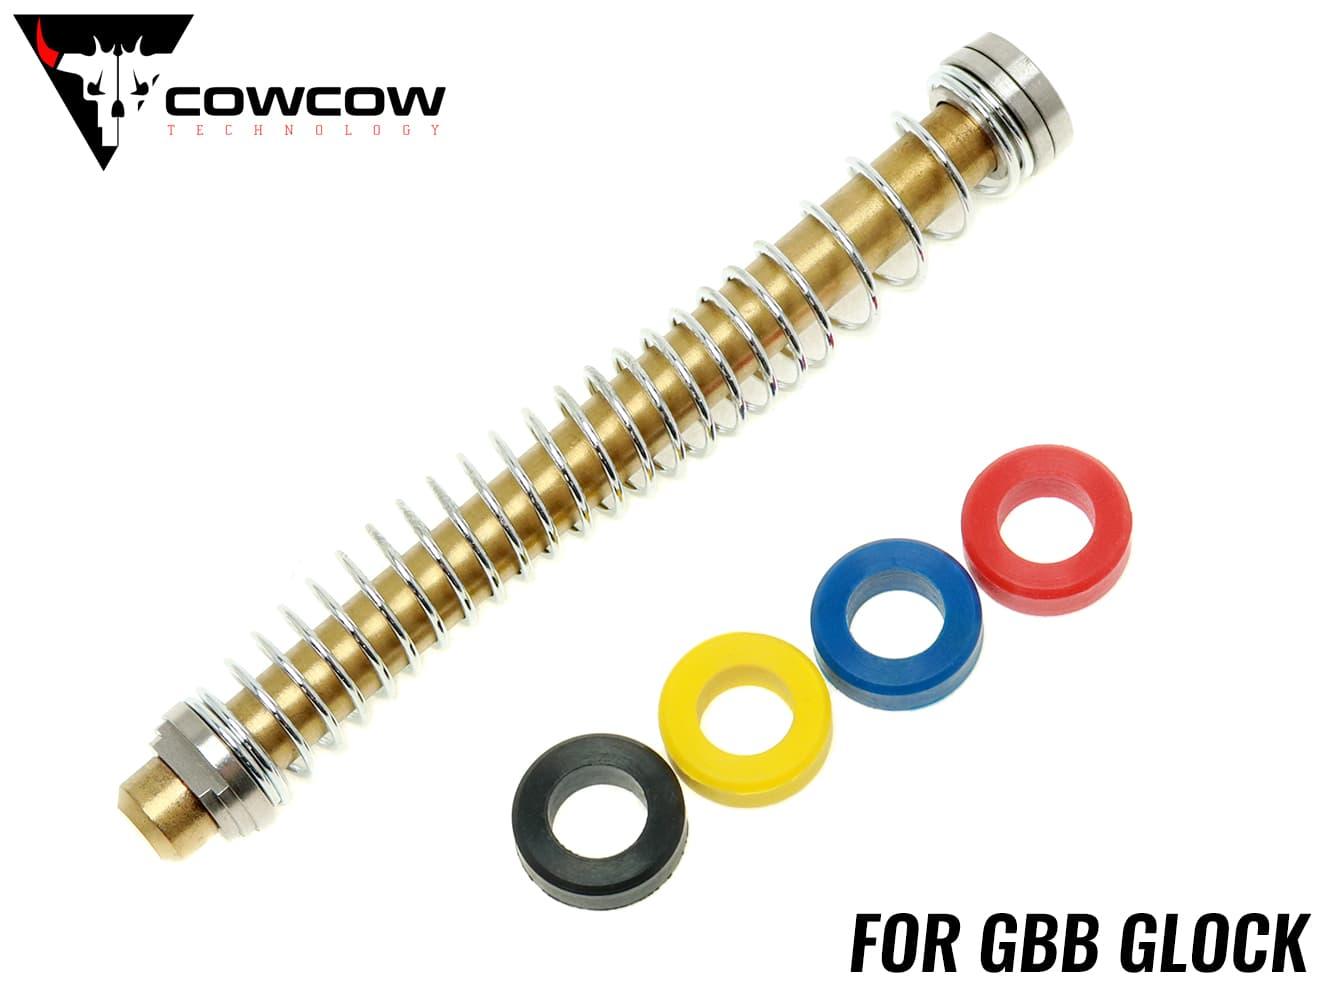 装備・備品, その他 COWCOW TECHNOLOGY TiN G17G18CG22G34GLOCK SP